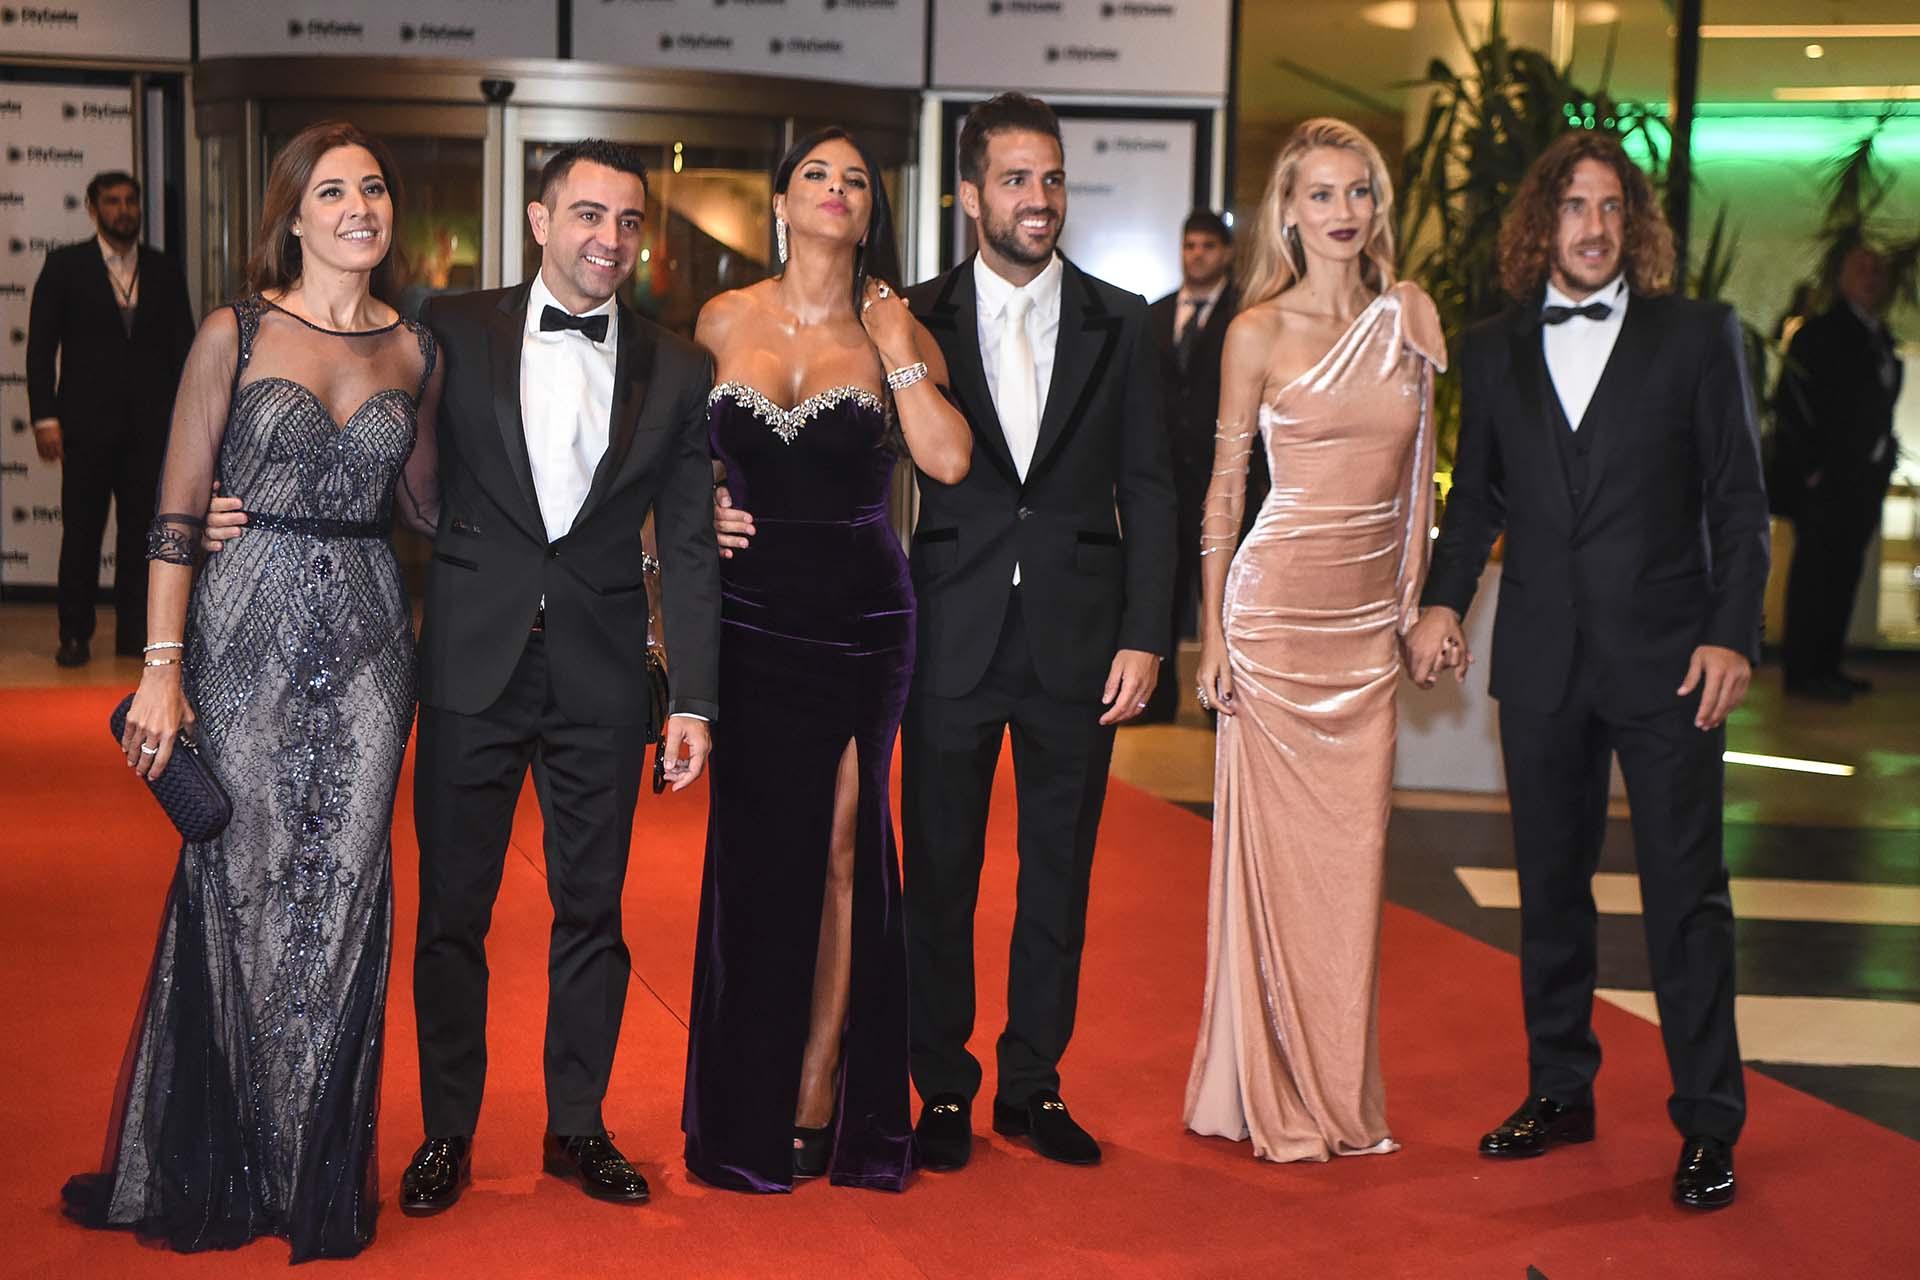 Los ex compañeros de Messi en Barcelona Xavi, Cesc Fábregas y Carles Puyol fueron los primeros en salir a la alfombra roja